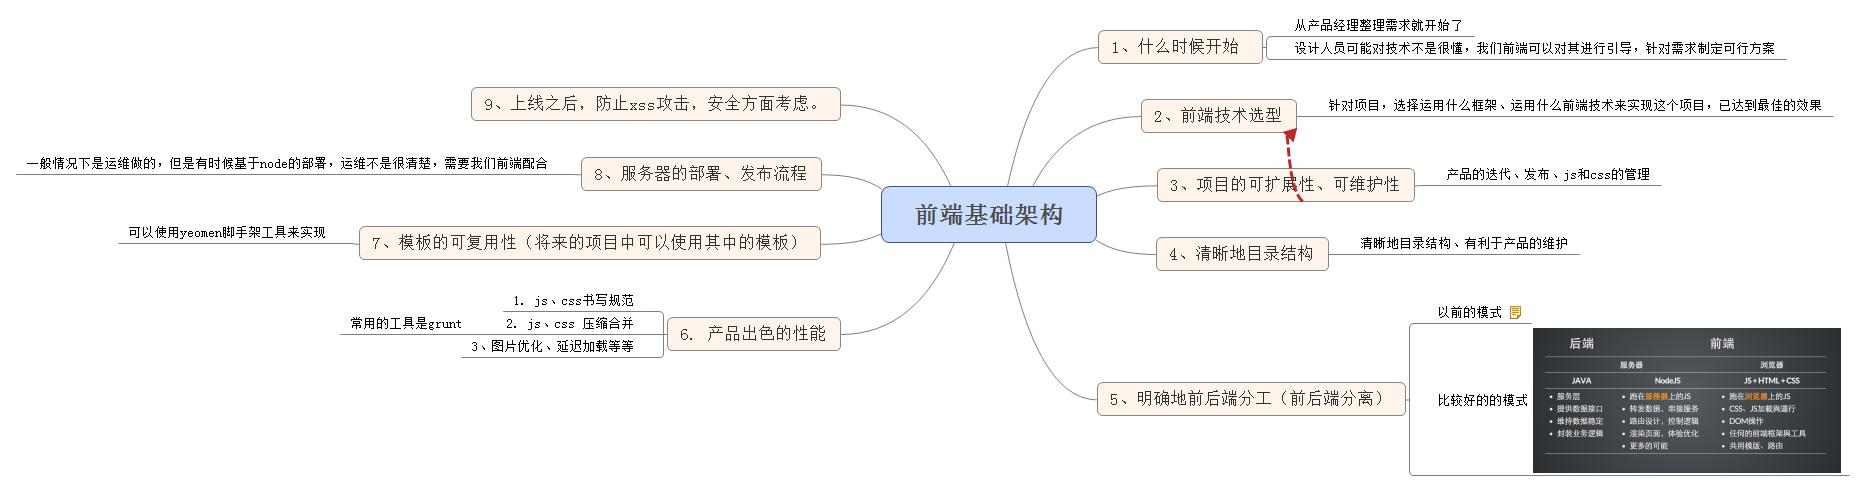 【思维导图】前端技术架构